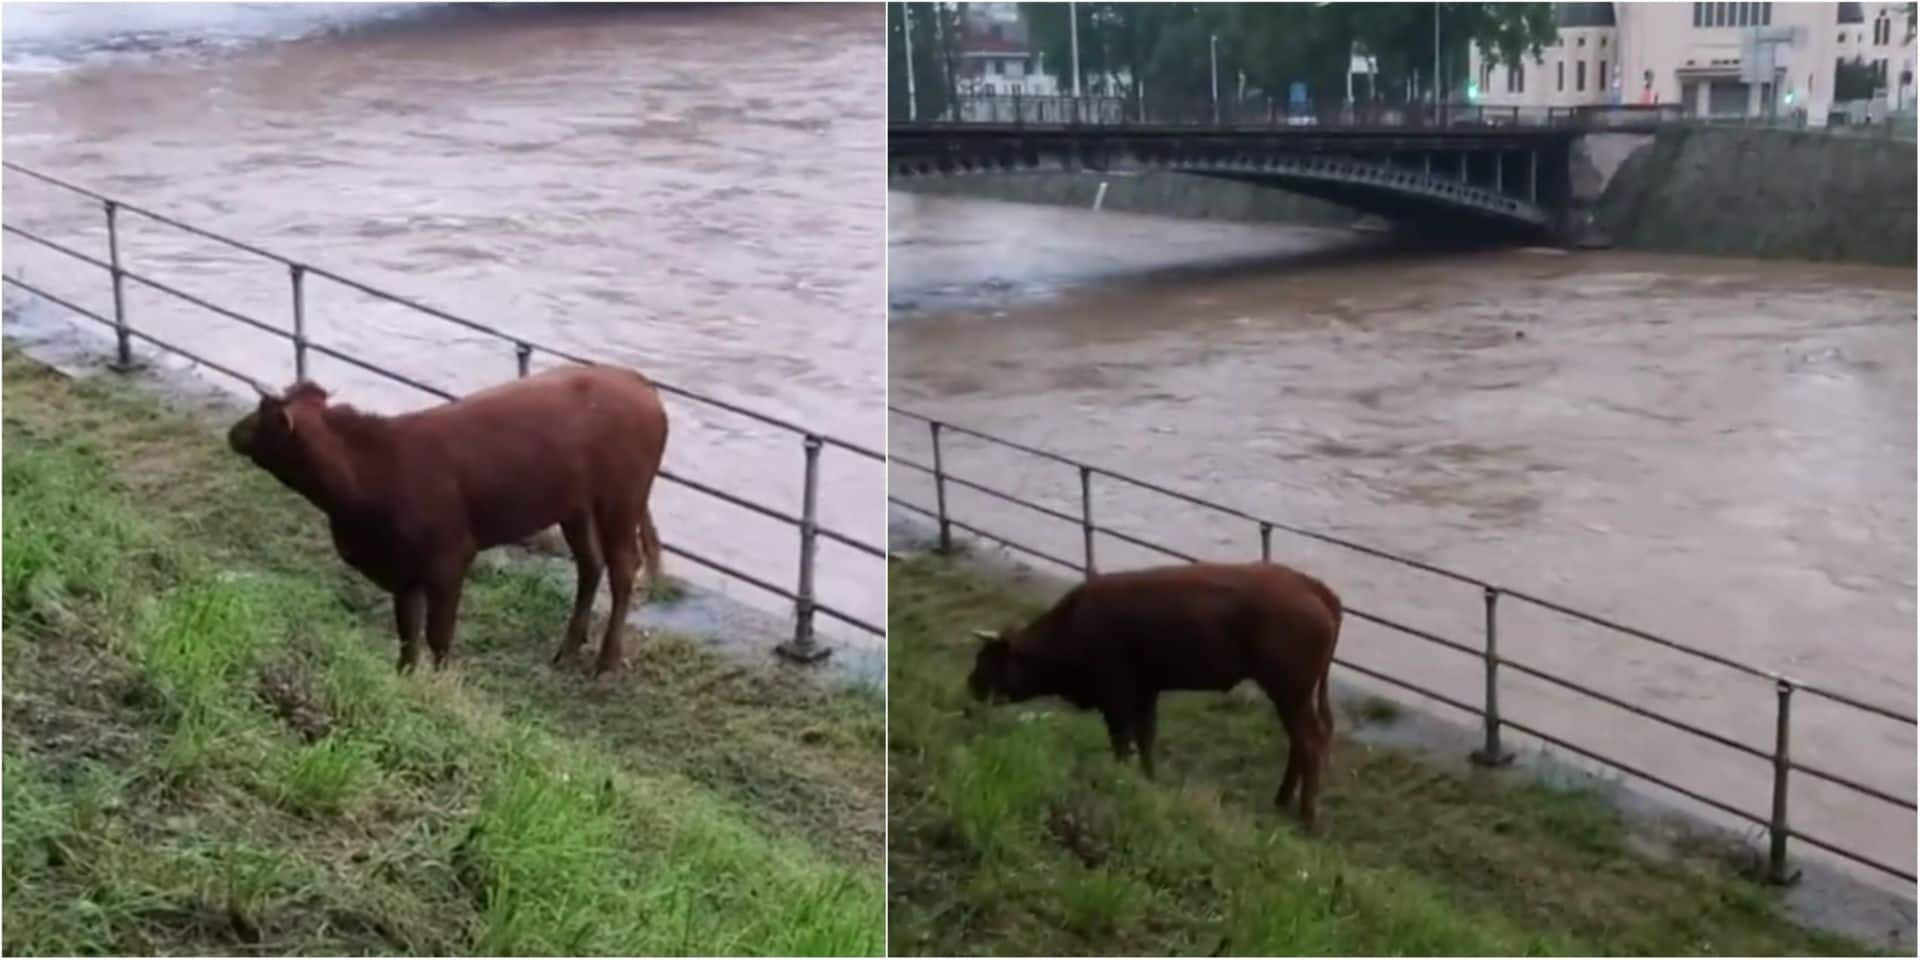 Emportée par le courant, une vache se retrouve dans le centre de la ville de Liège (VIDEO)